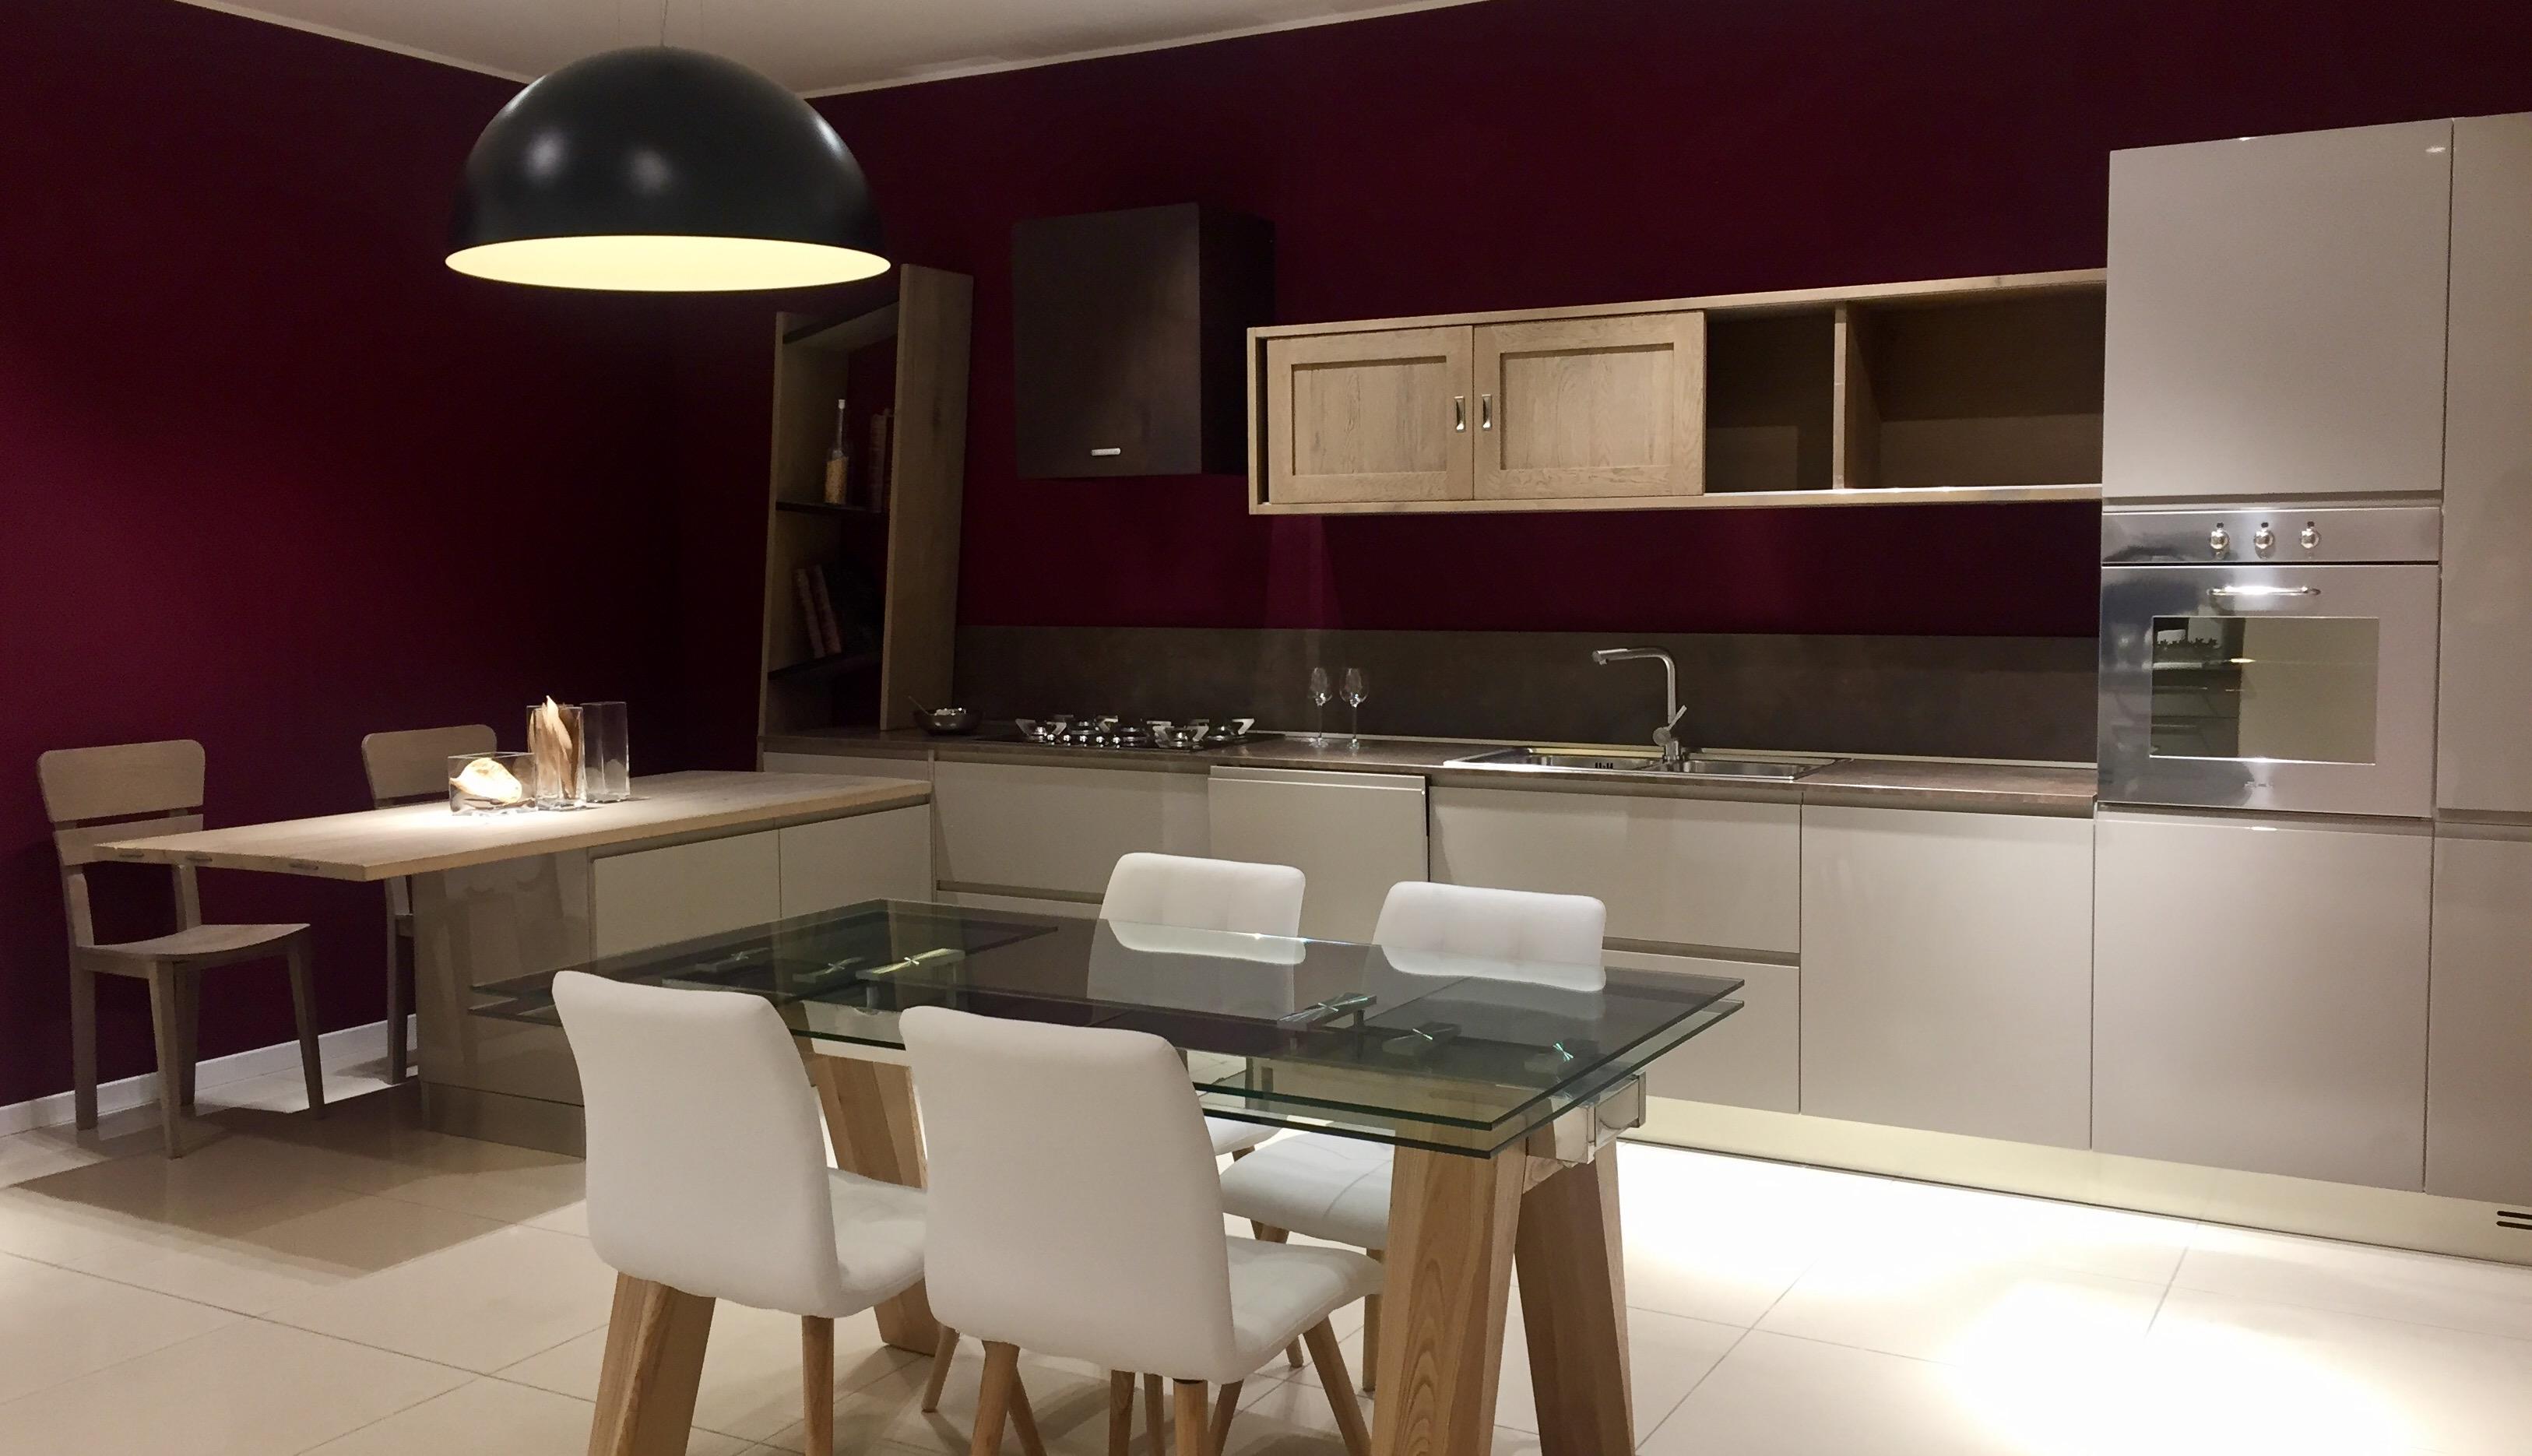 Cucina moderna modello Milano - Cucine a prezzi scontati